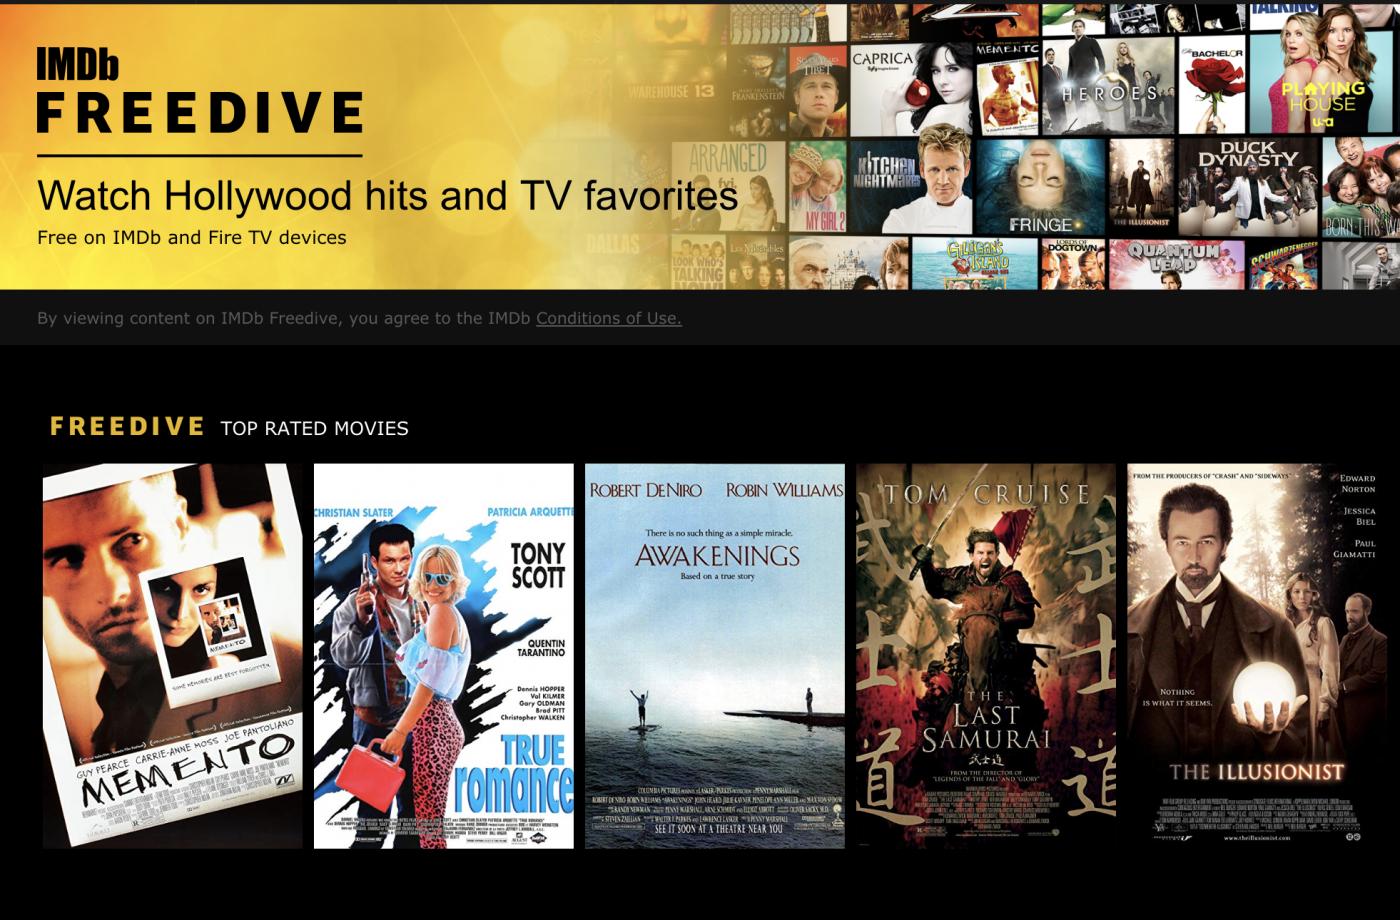 亞馬遜影音資料庫IMDb推串流服務免費看,為了什麼?